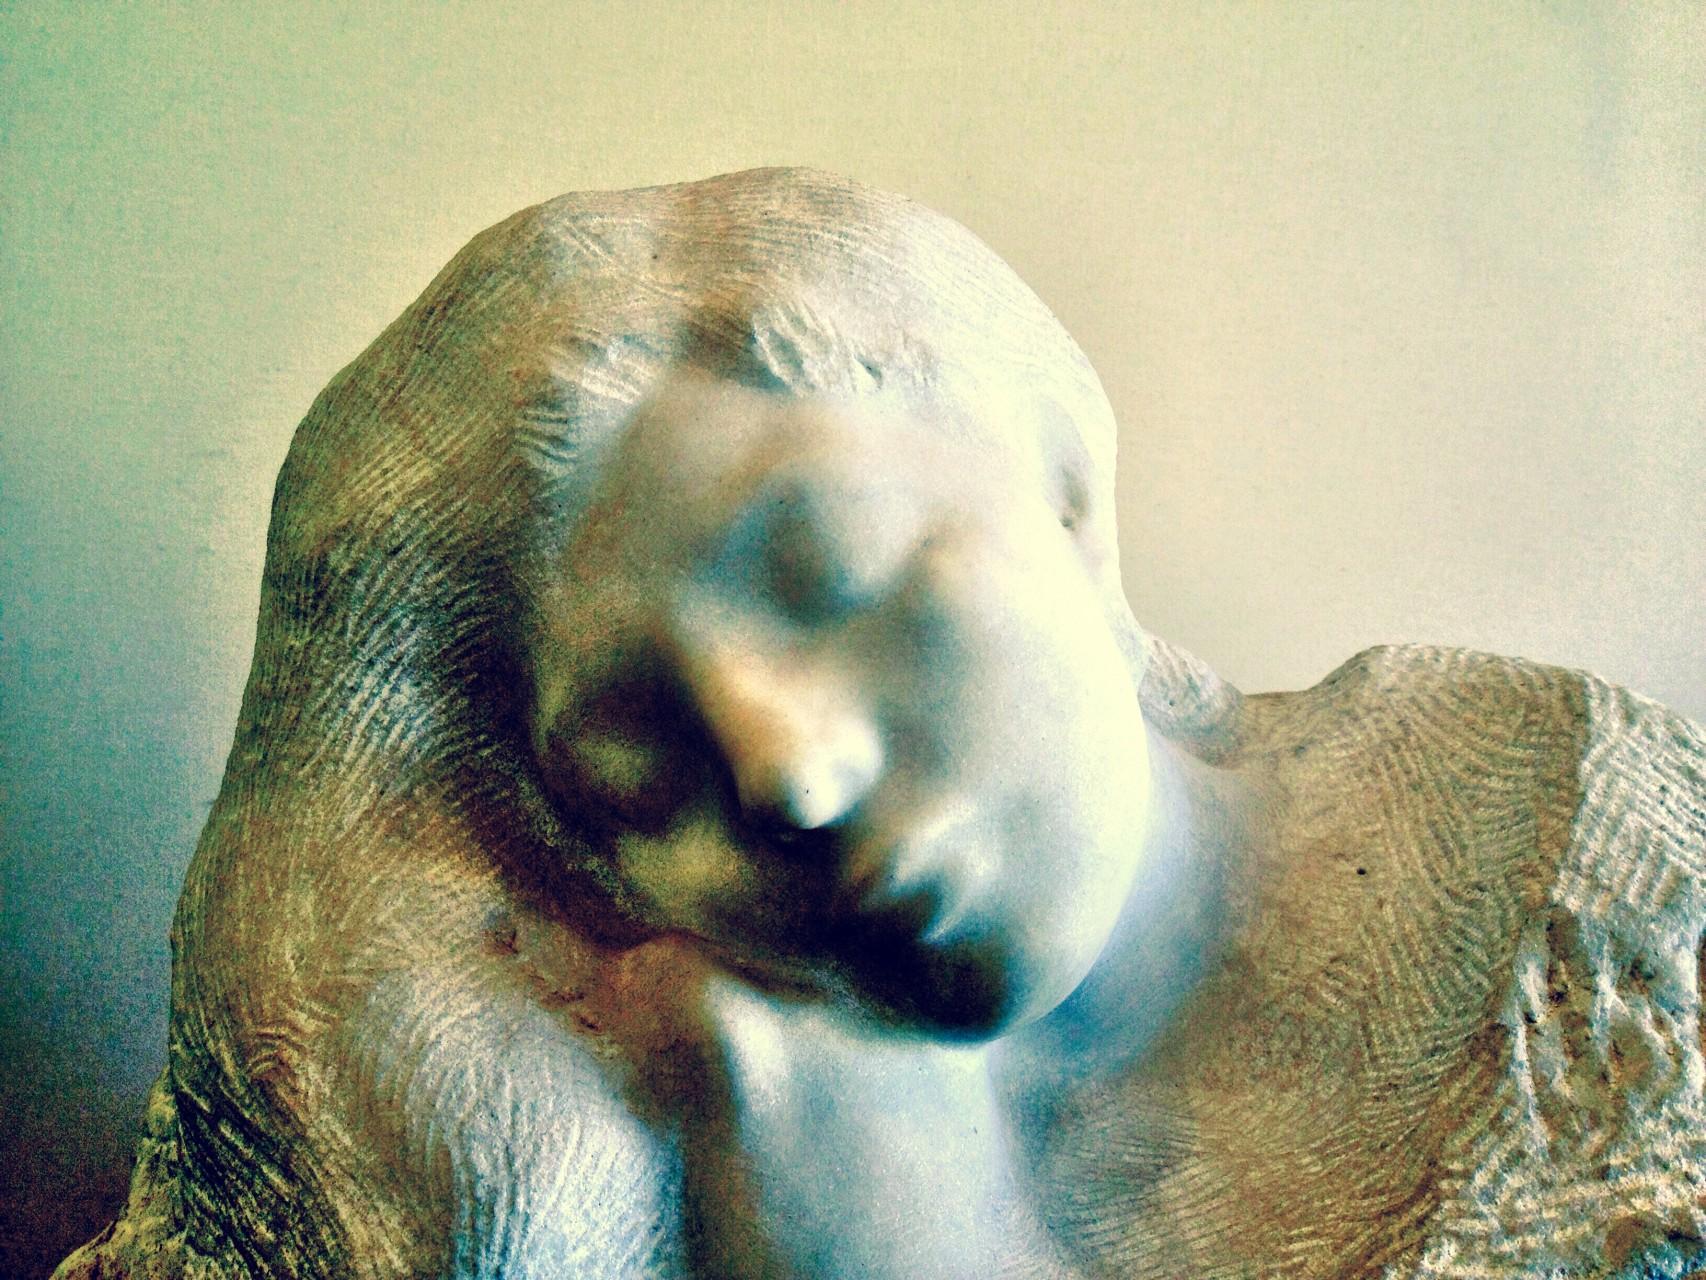 Camille Claudel Le sommeil - Musée Rodin - Paris VIIème - 2013